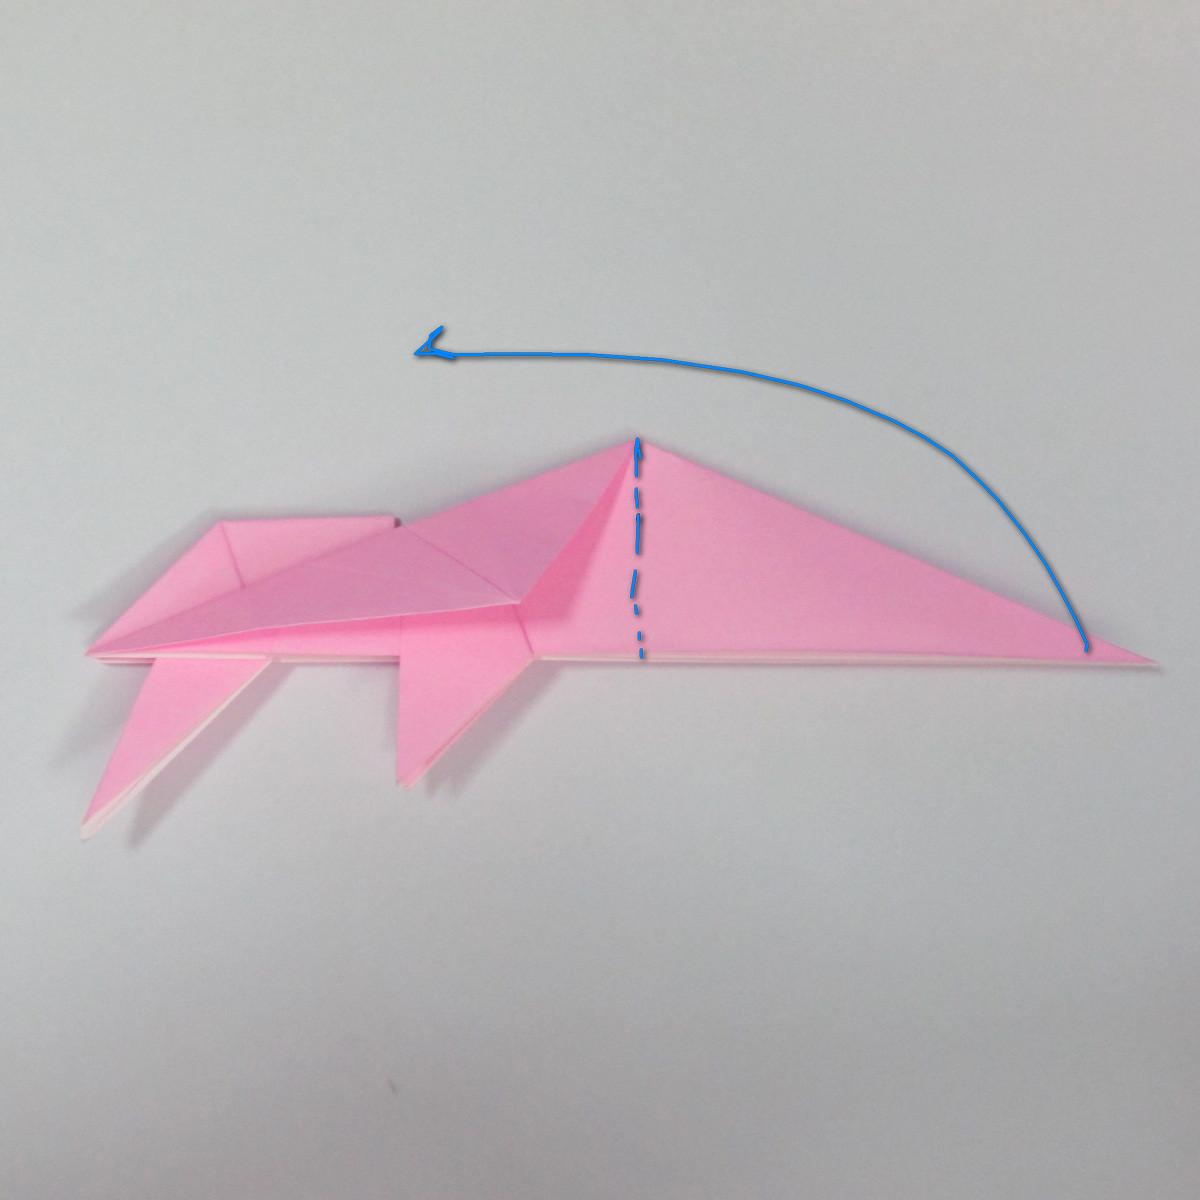 สอนการพับกระดาษเป็นลูกสุนัขชเนาเซอร์ (Origami Schnauzer Puppy) 051